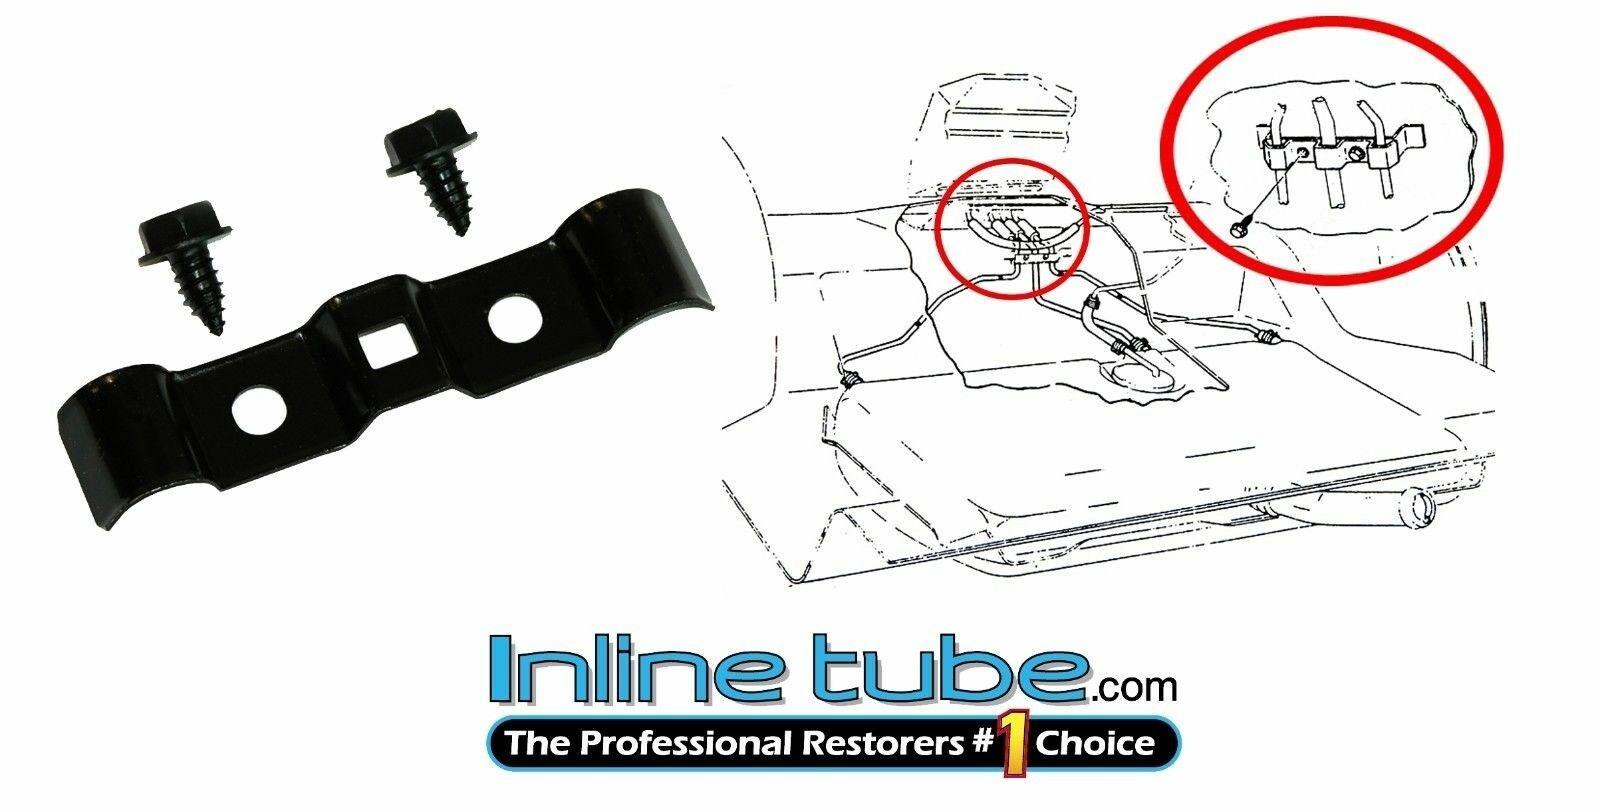 72 Gas Tank Diagram Auto Alternator Wiring Begeboy Wiring Diagram Source